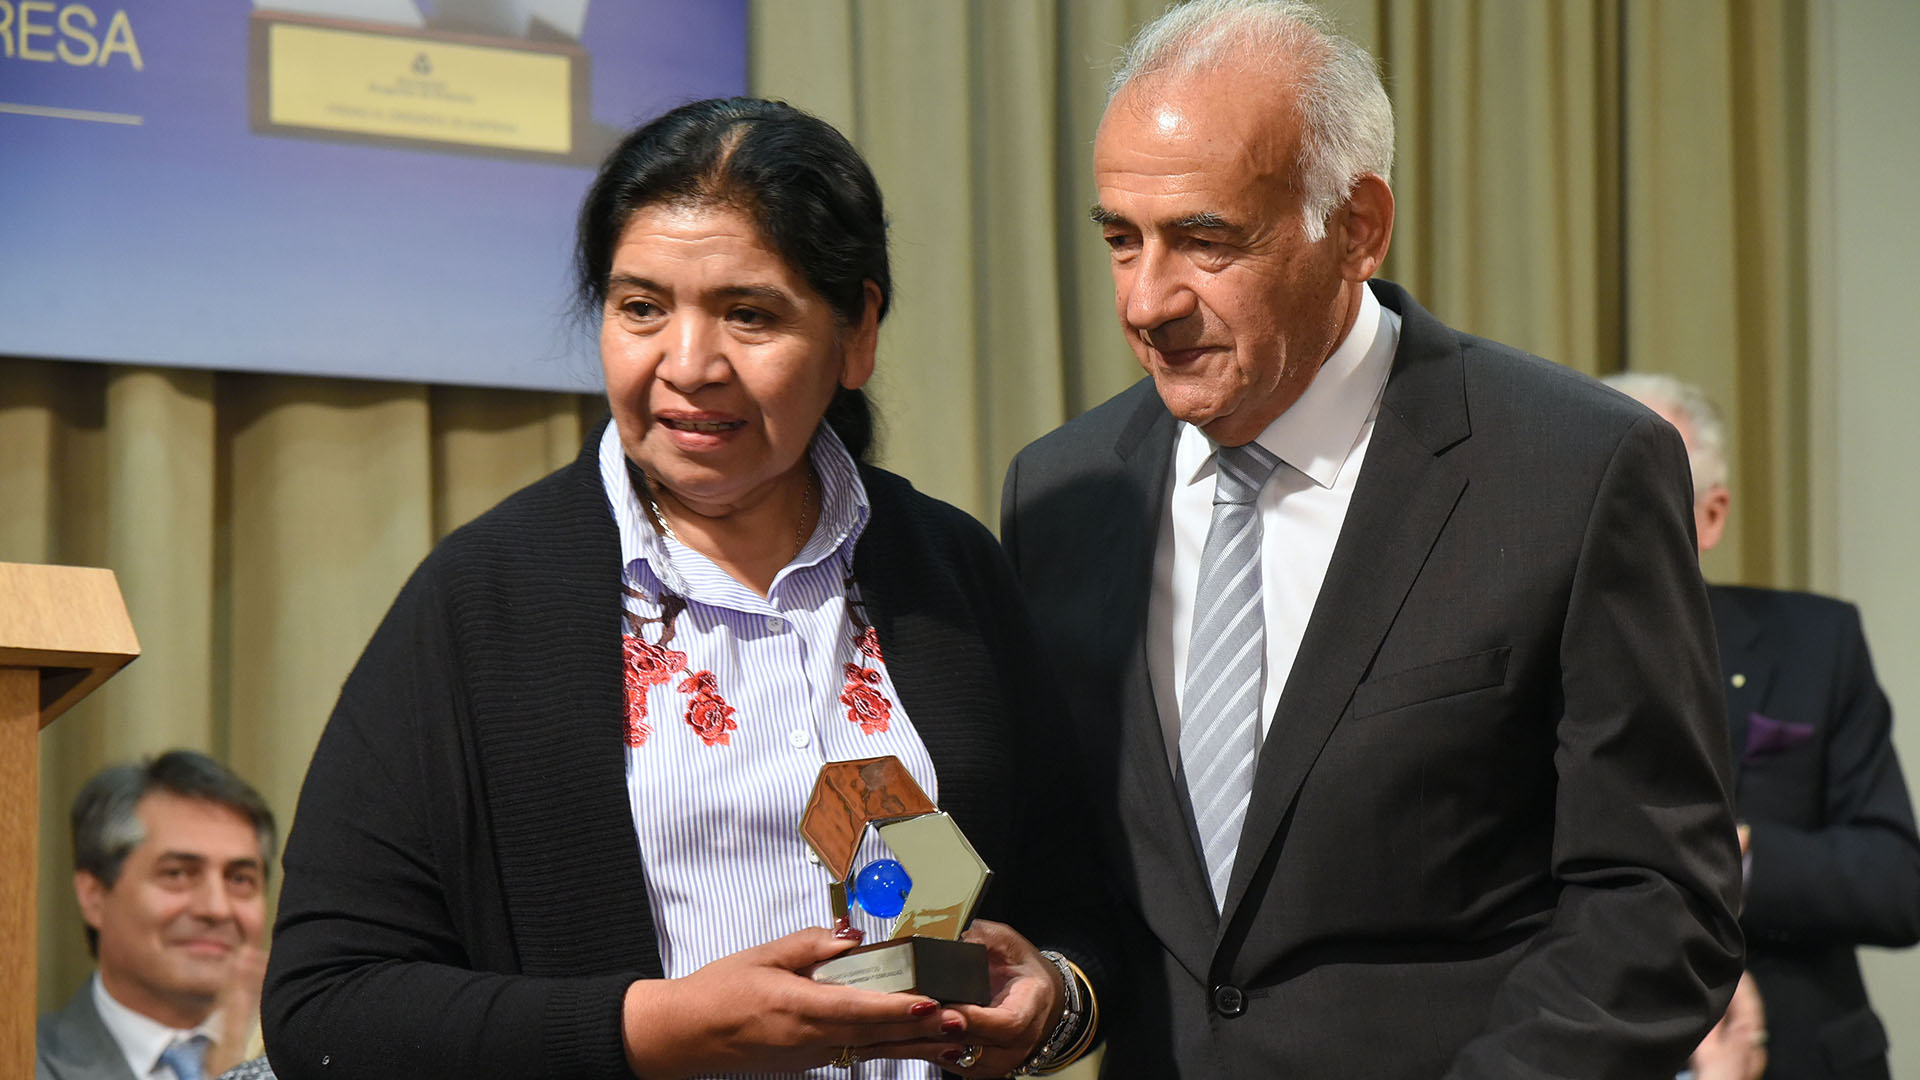 En la categoría Empresa y Comunidad, se distinguió a Margarita Barrientos, a través de la Fundación Margarita Barrientos